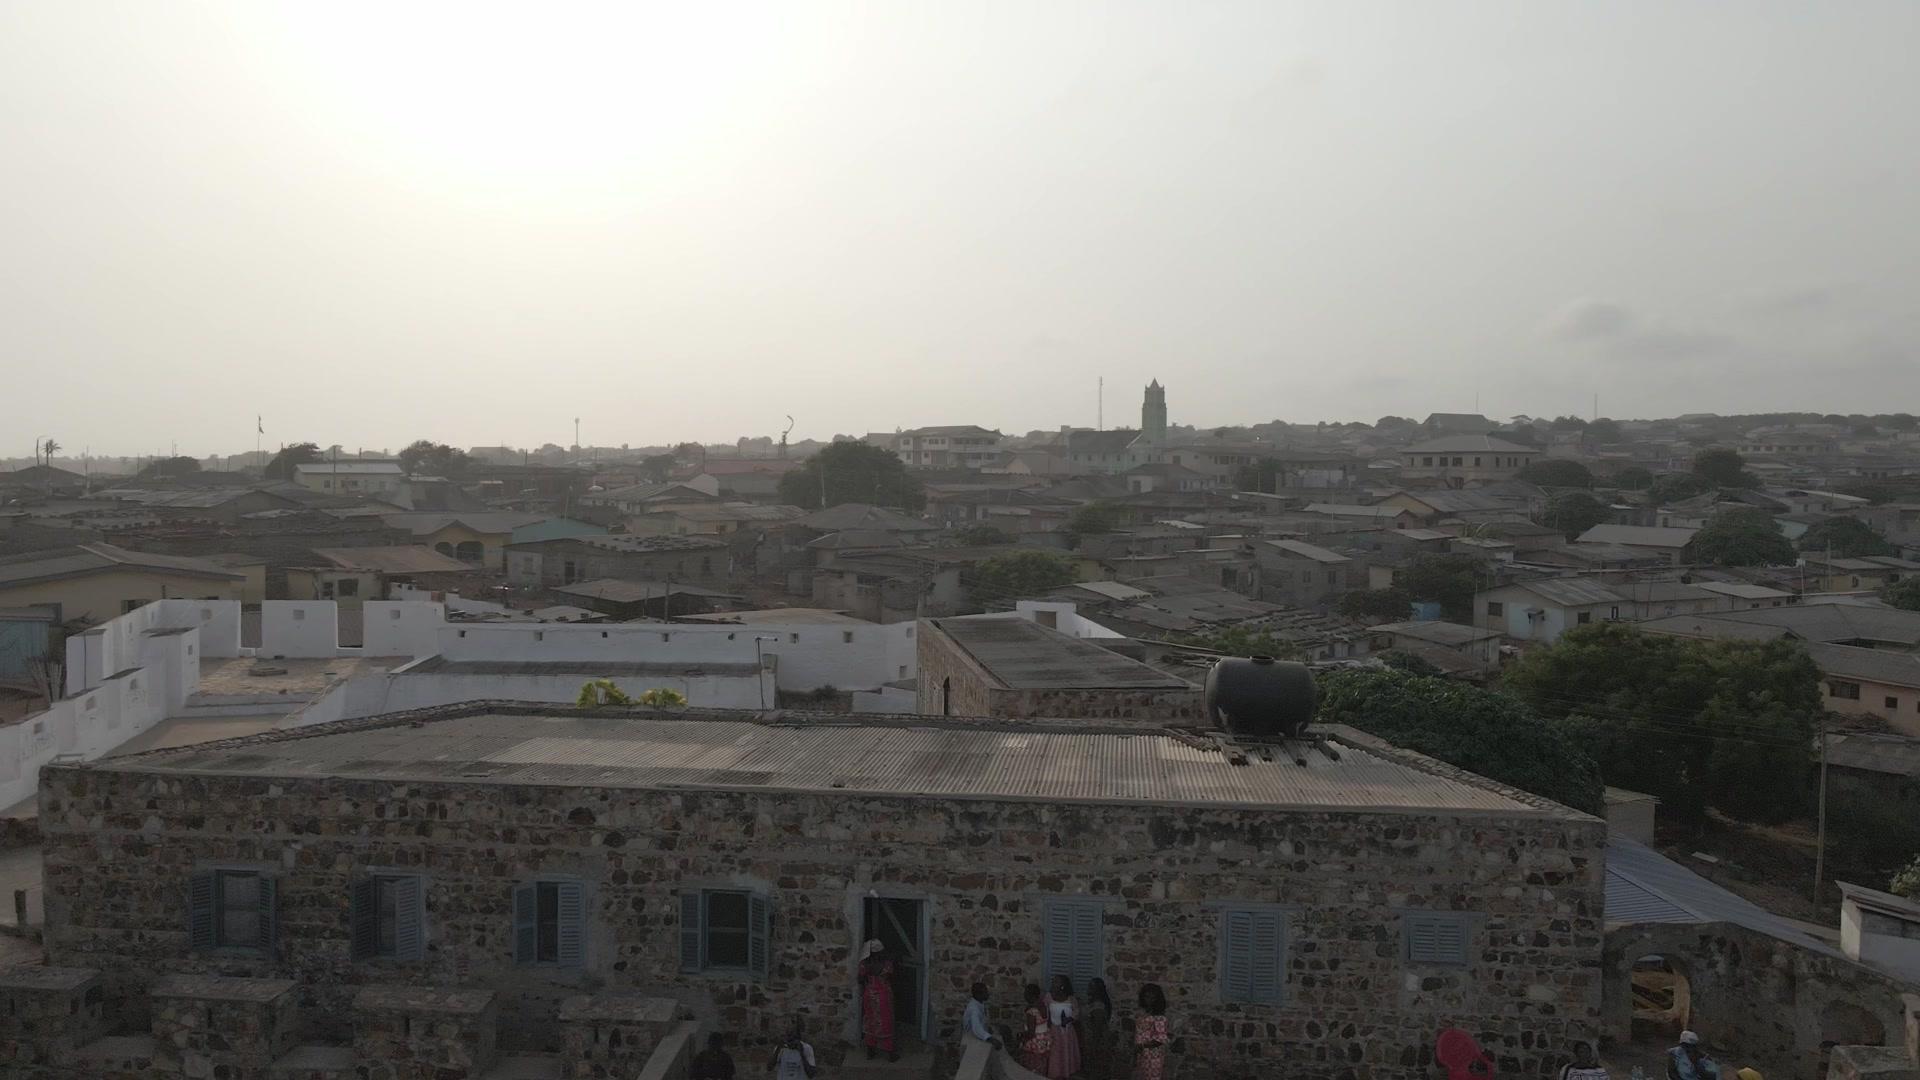 Fort Good Hope Senya Beraku